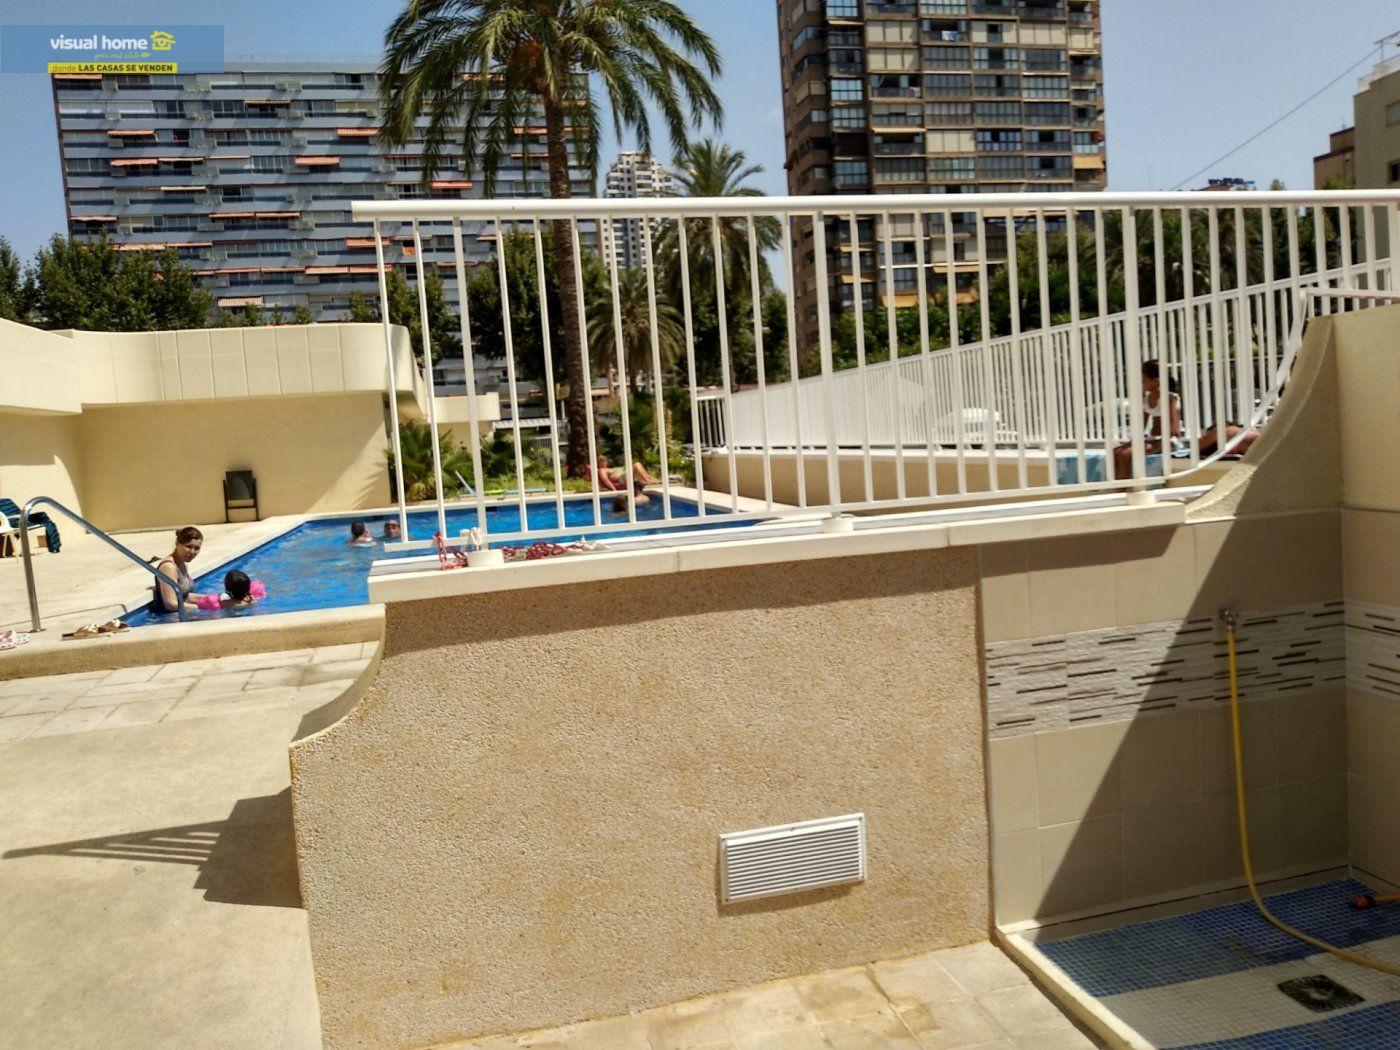 Apartamento de 1 dormitorio con espectaculares vistas  en 1ª linea de playa con parking y piscina 28